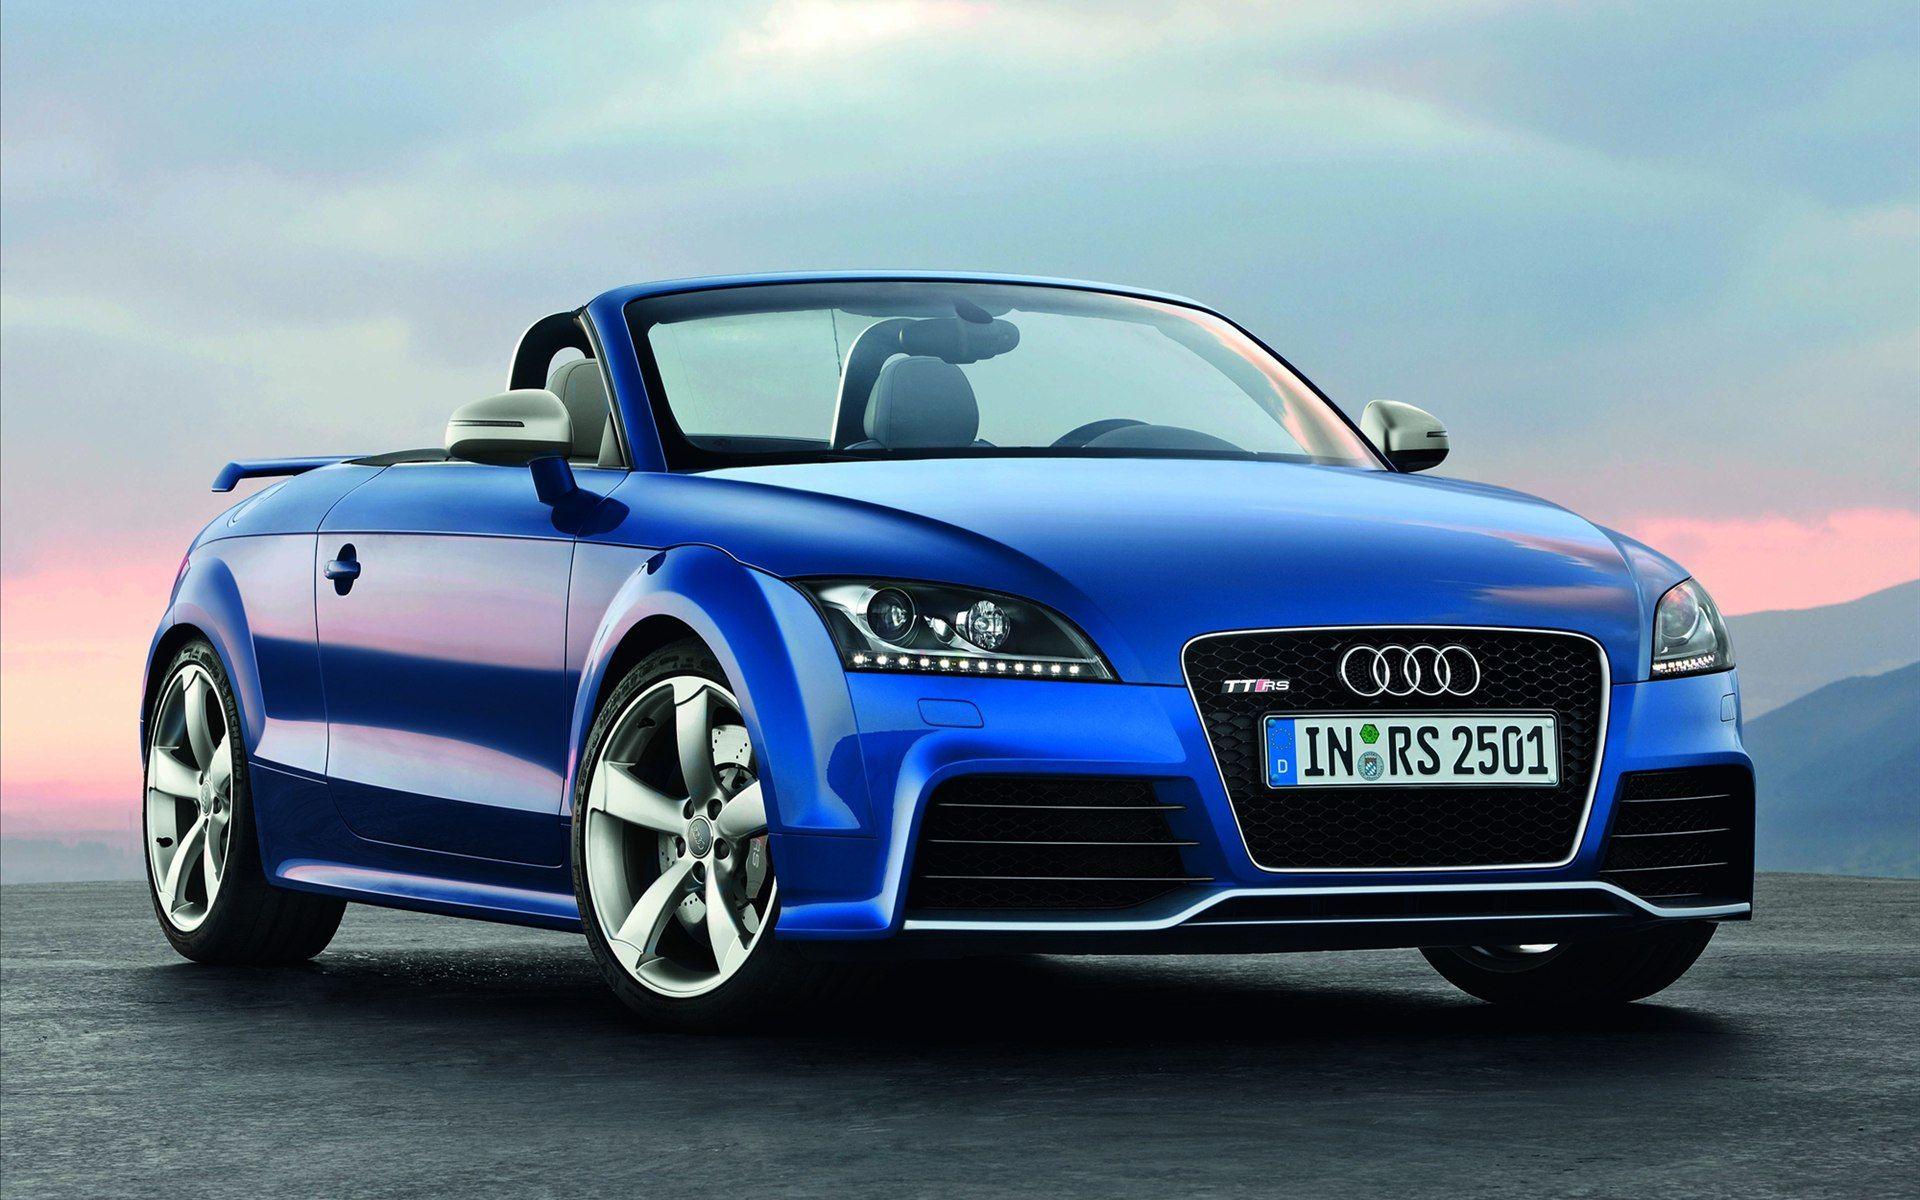 Blue Audi TT RS Car Picture The Auto Spot Pinterest Car - Audi car insurance